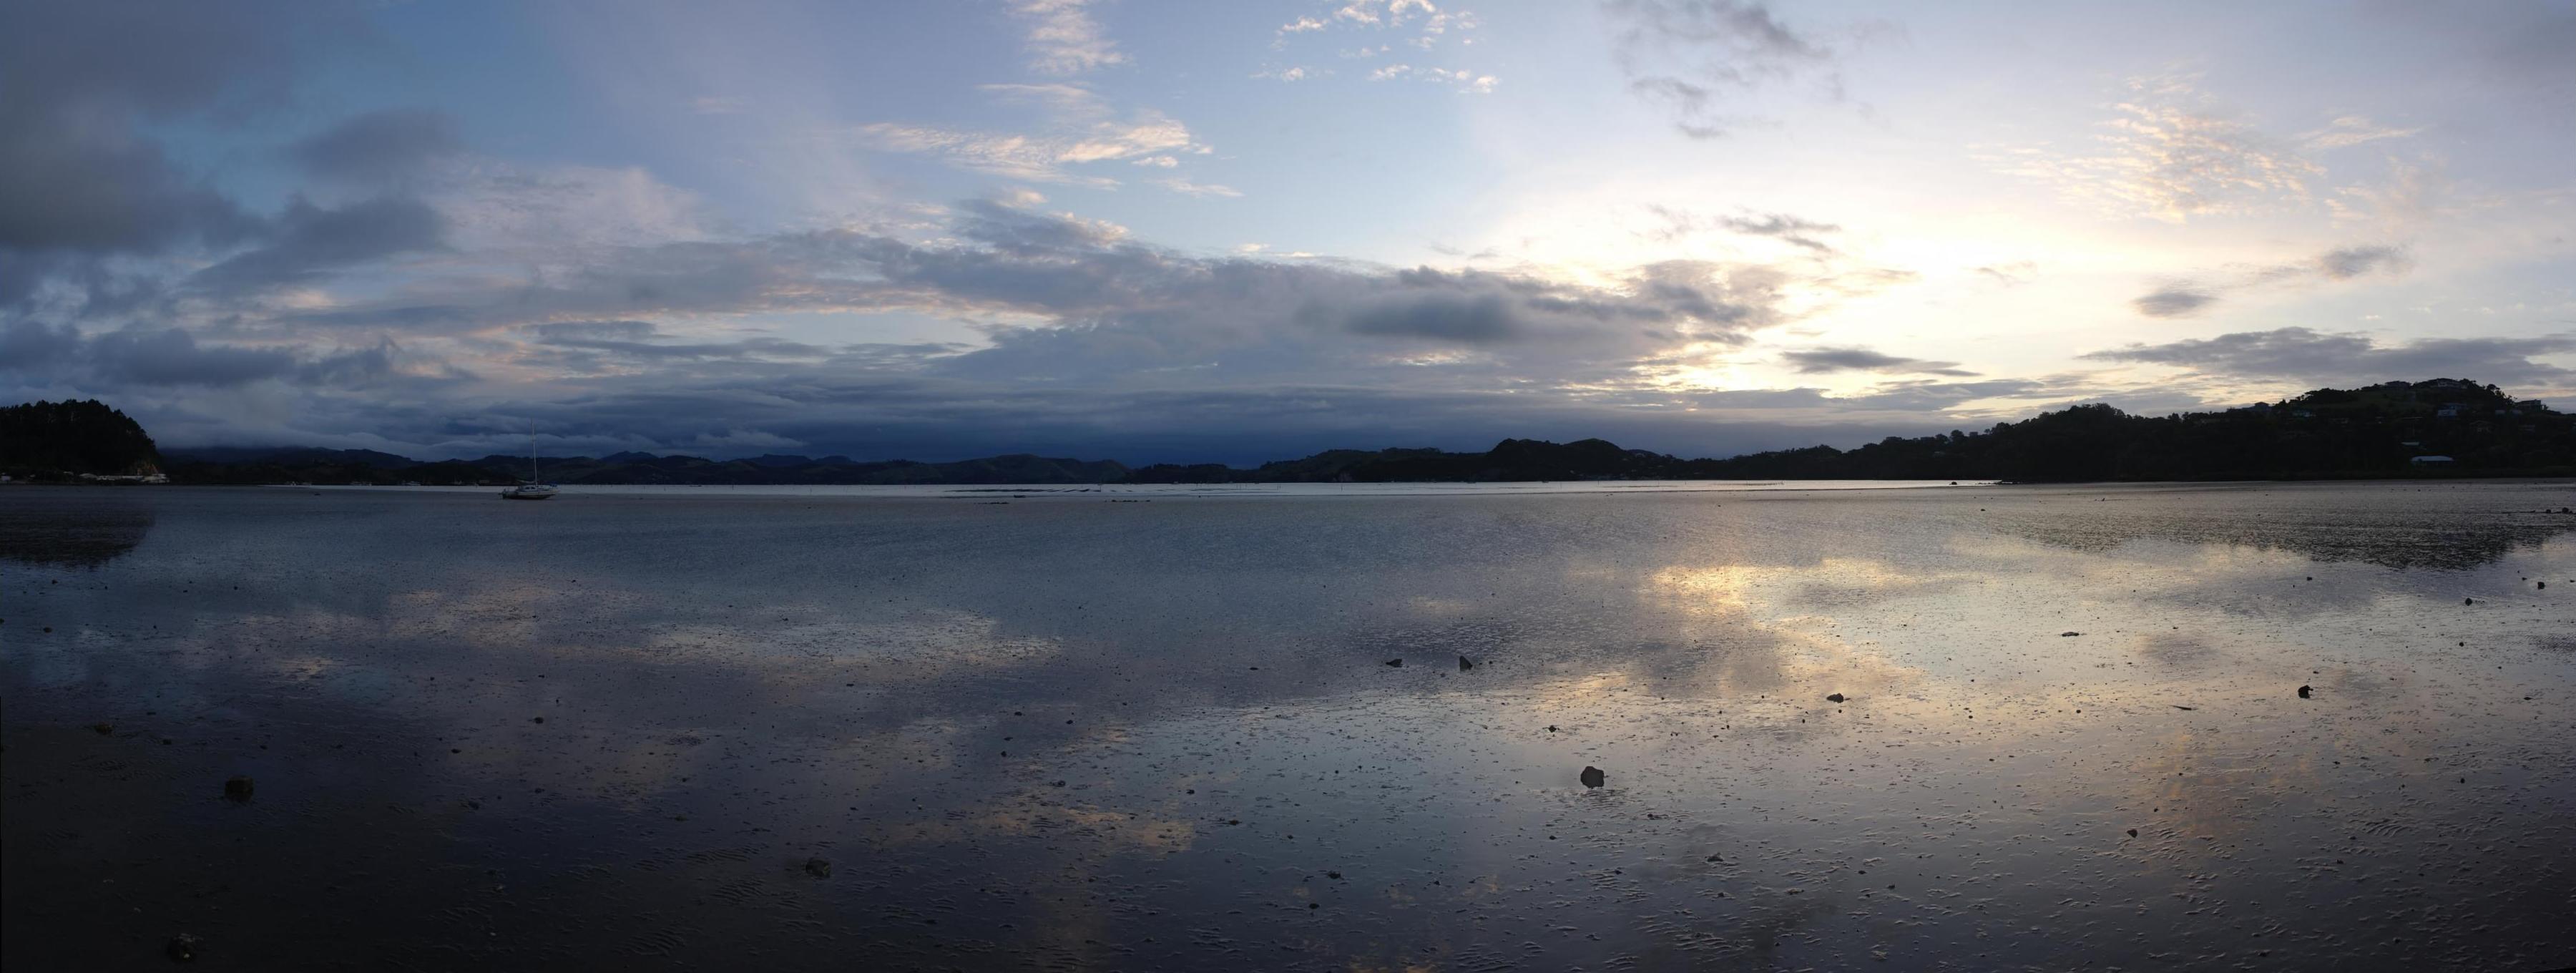 Foto bij Coromandel | McGregor Bay